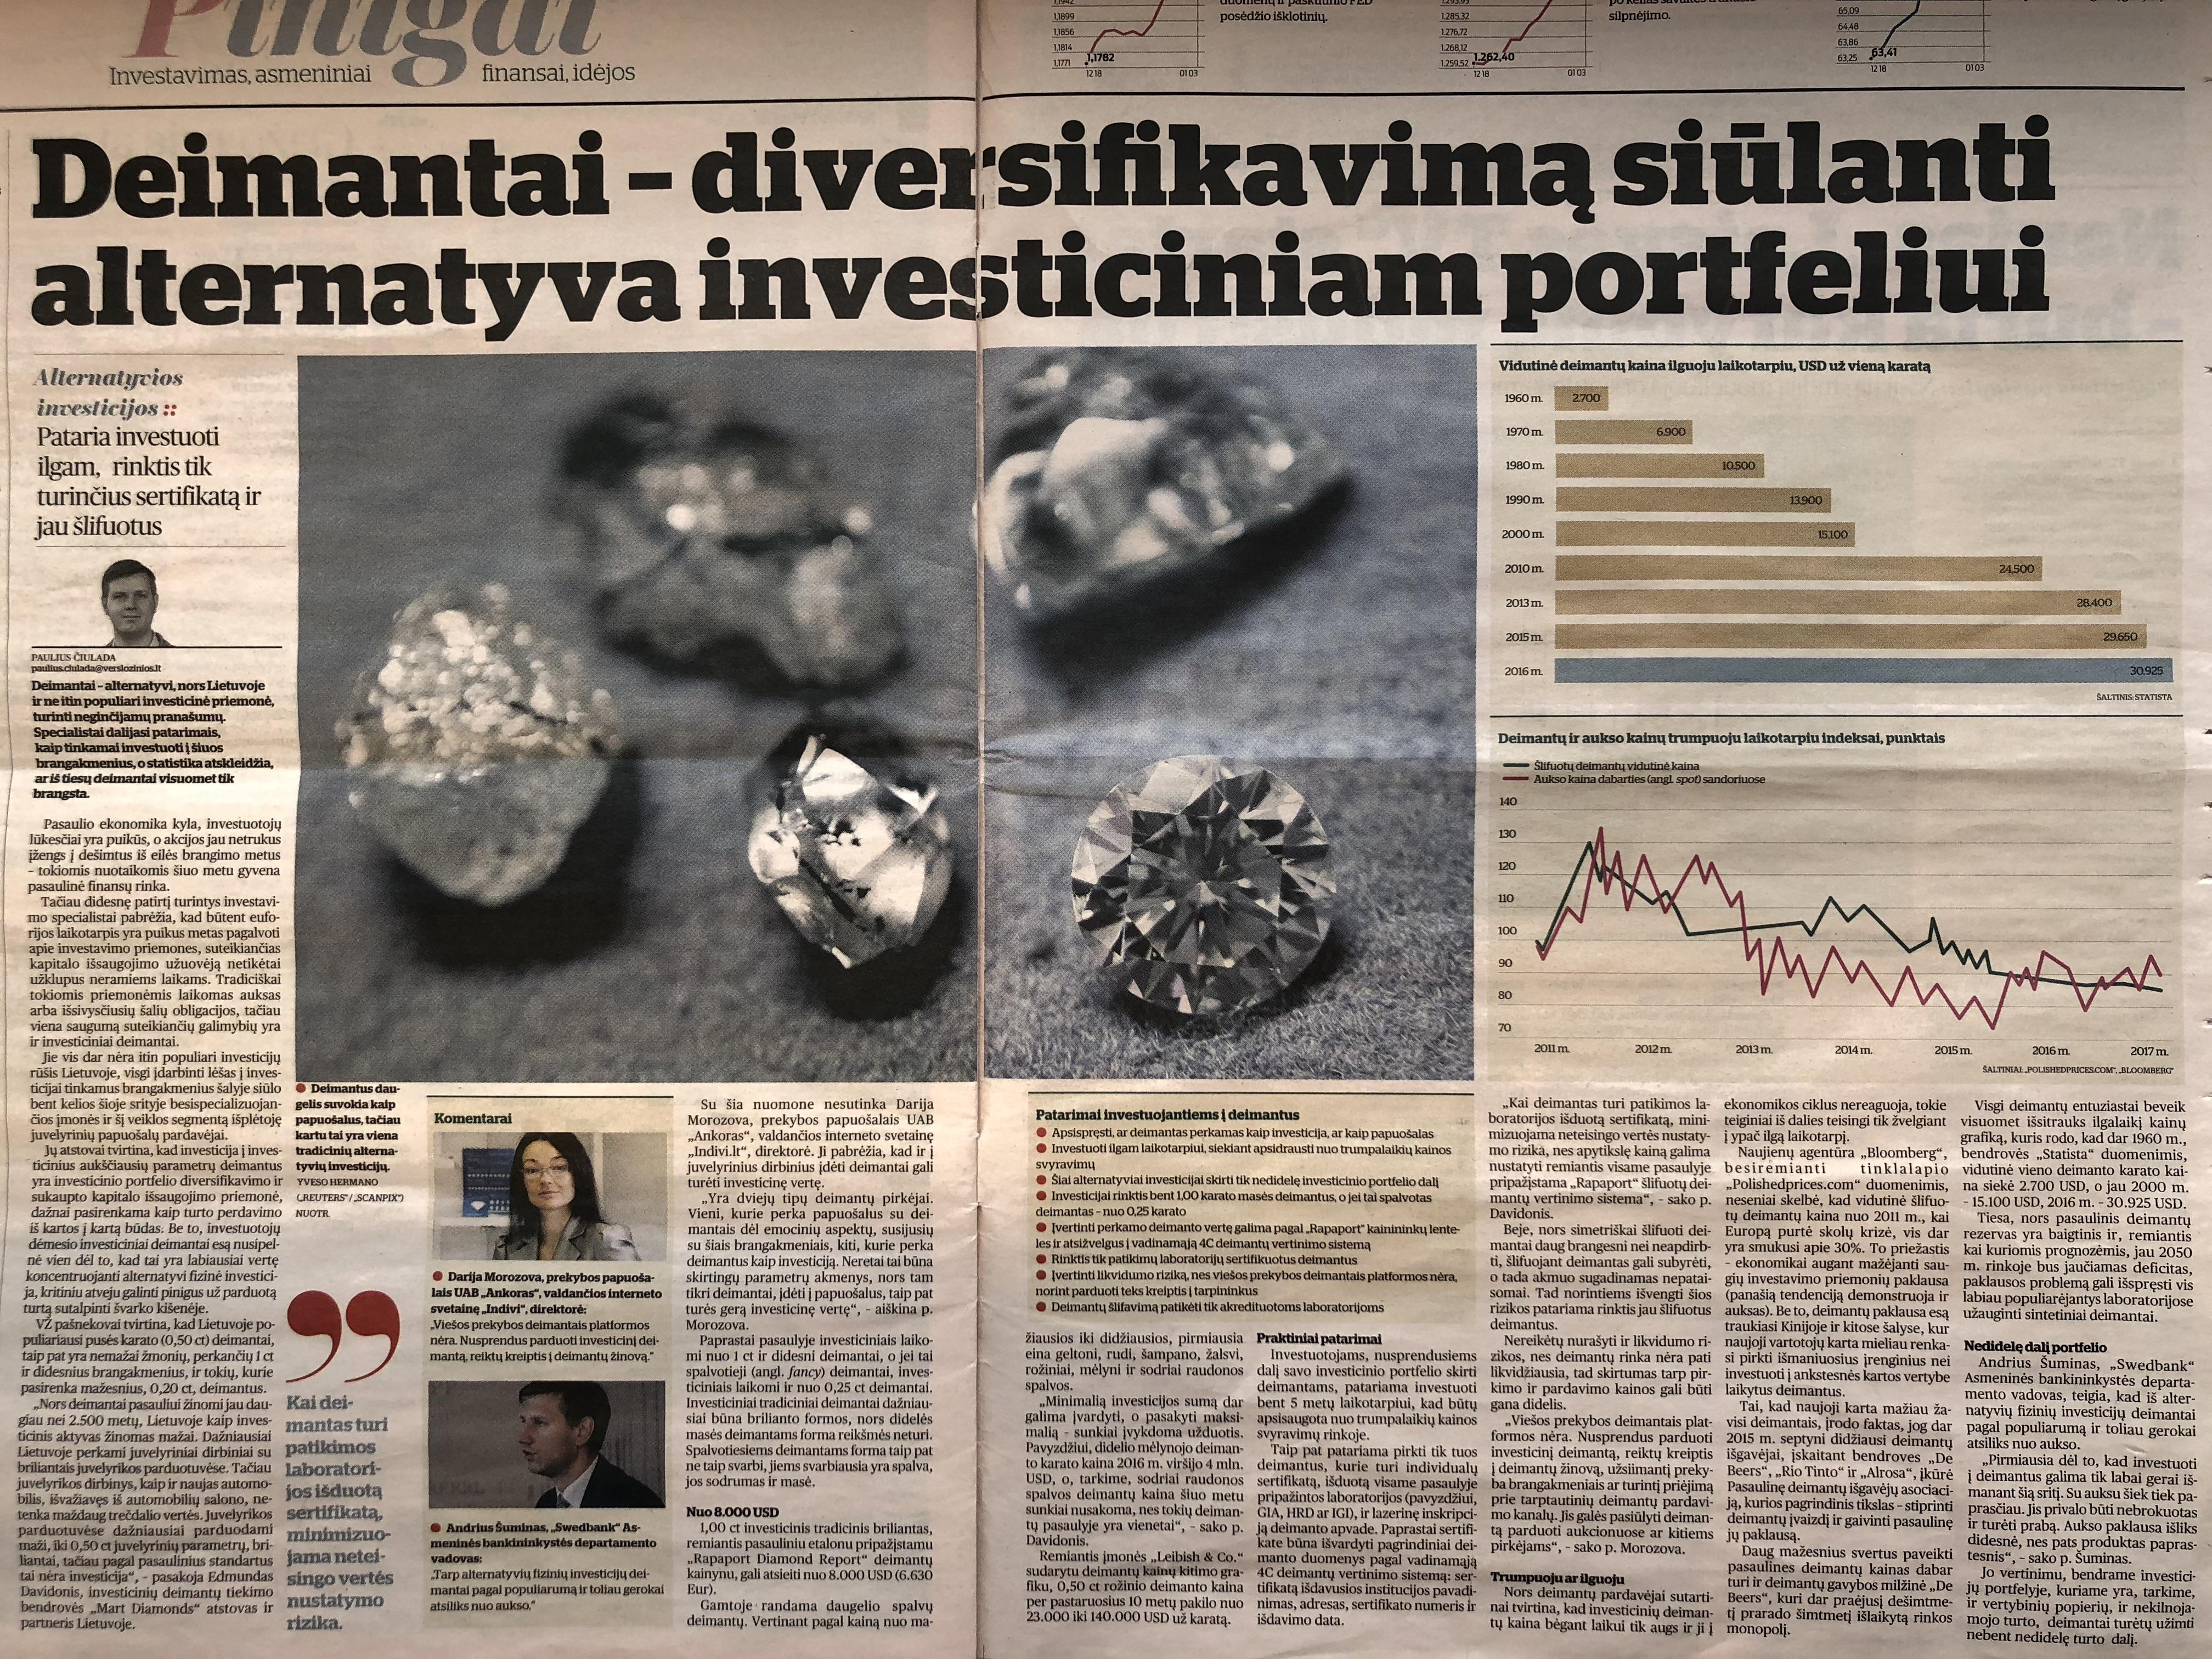 Deimantai kaip investicija